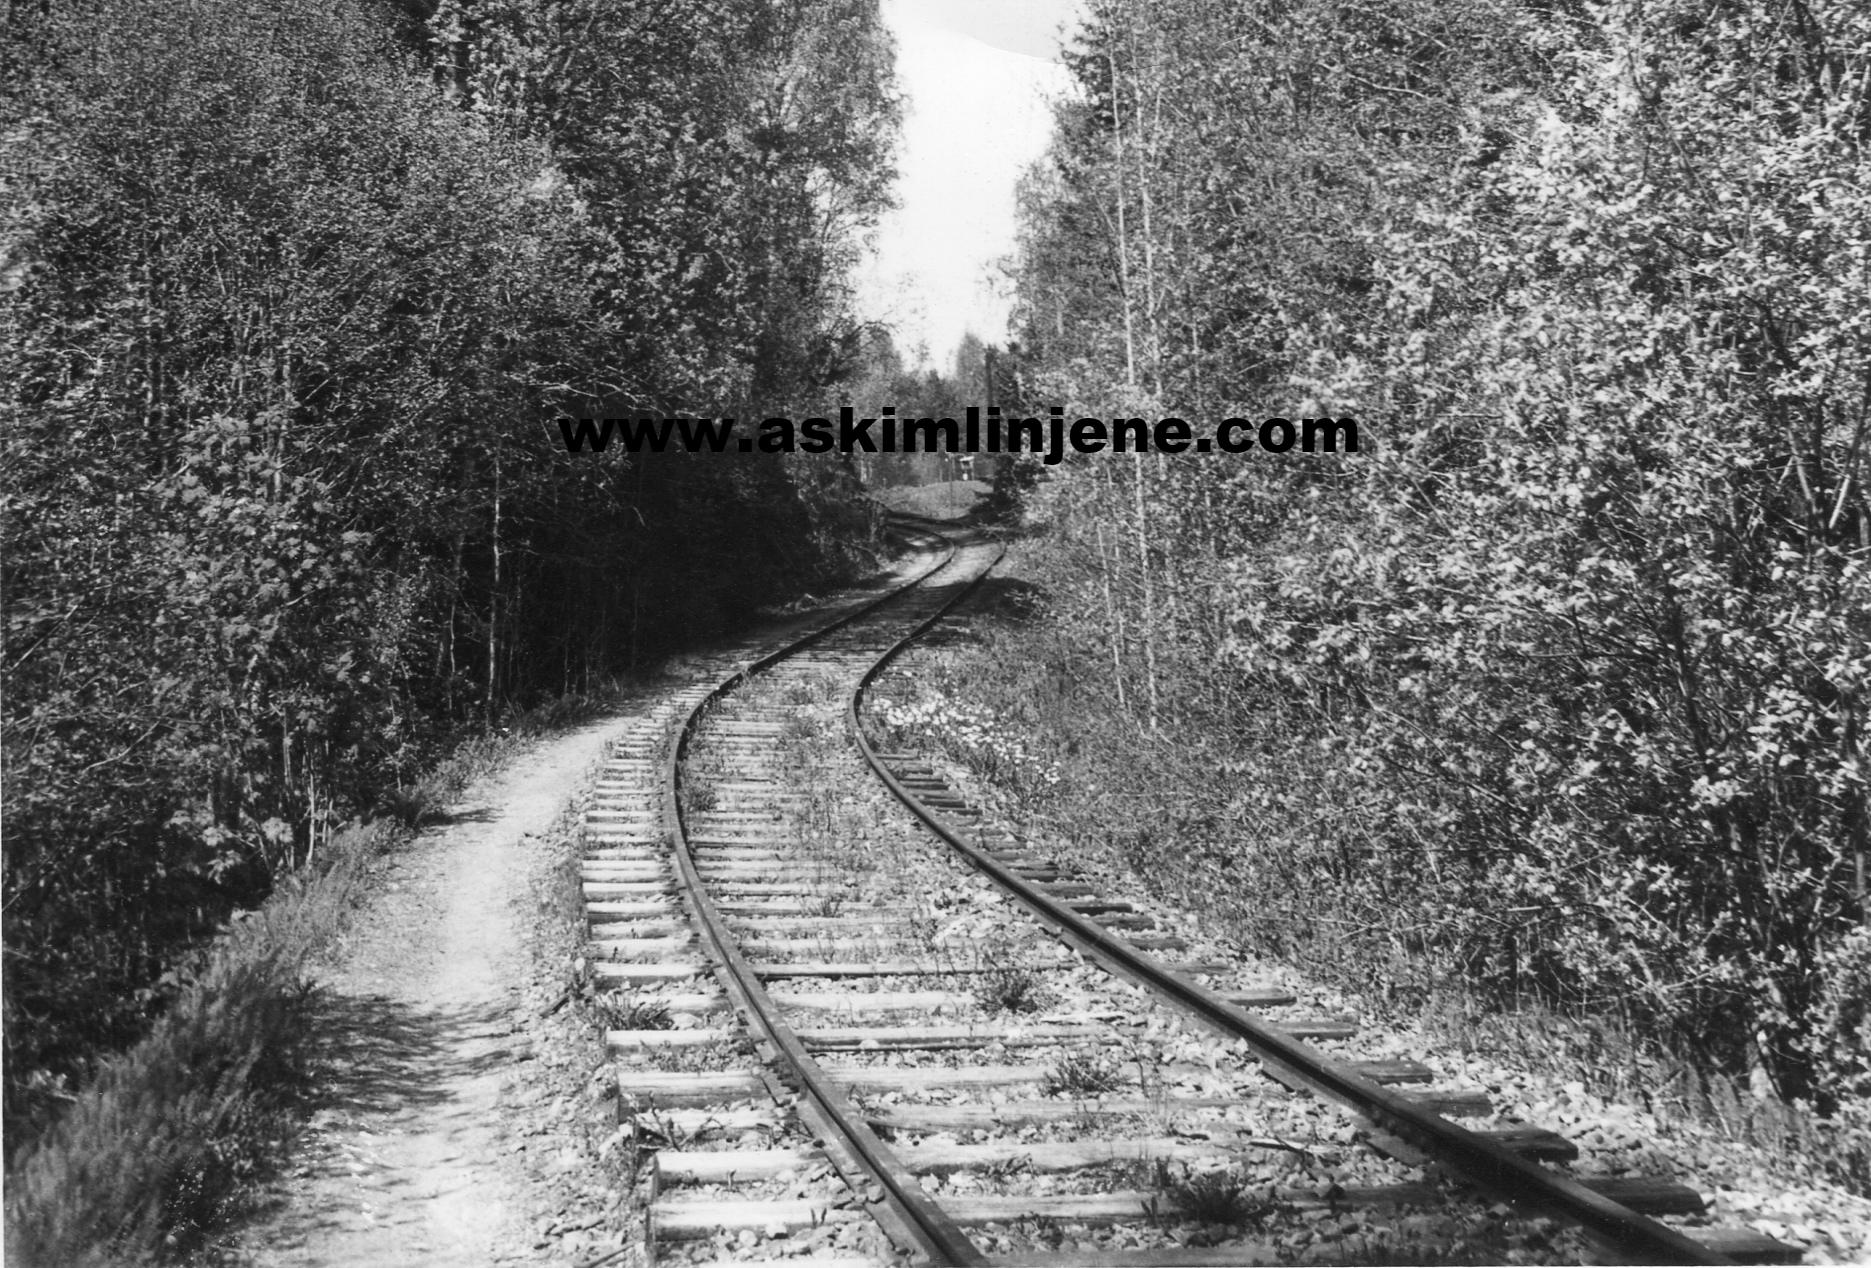 Solbergfossbanen 1967-68